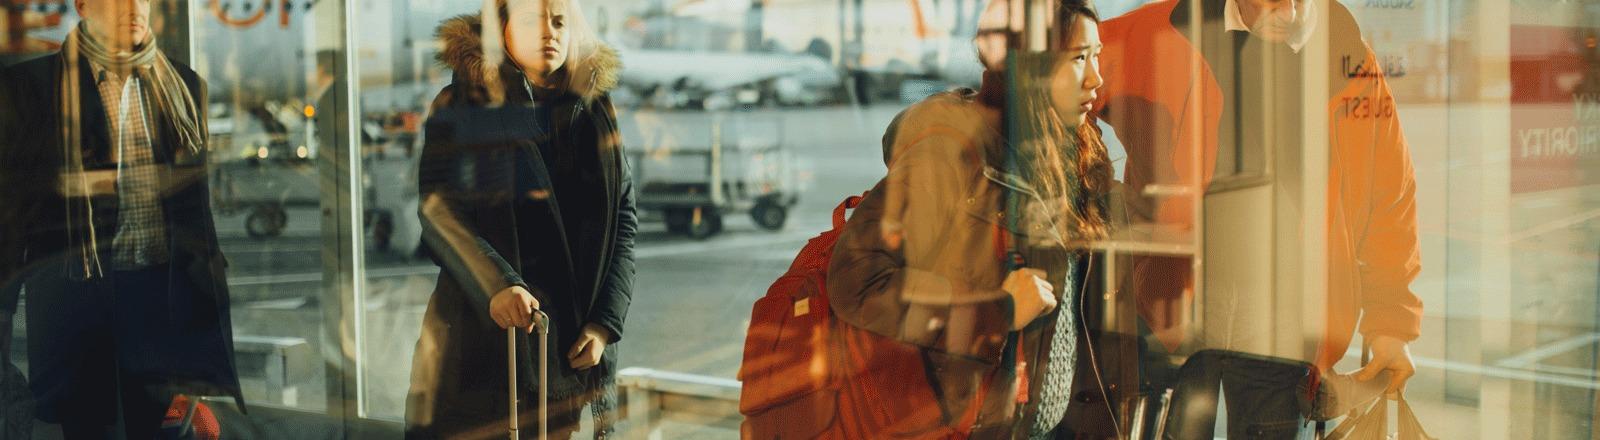 Menschen vor Abflug am Flughafen hinter einer Glasscheibe.